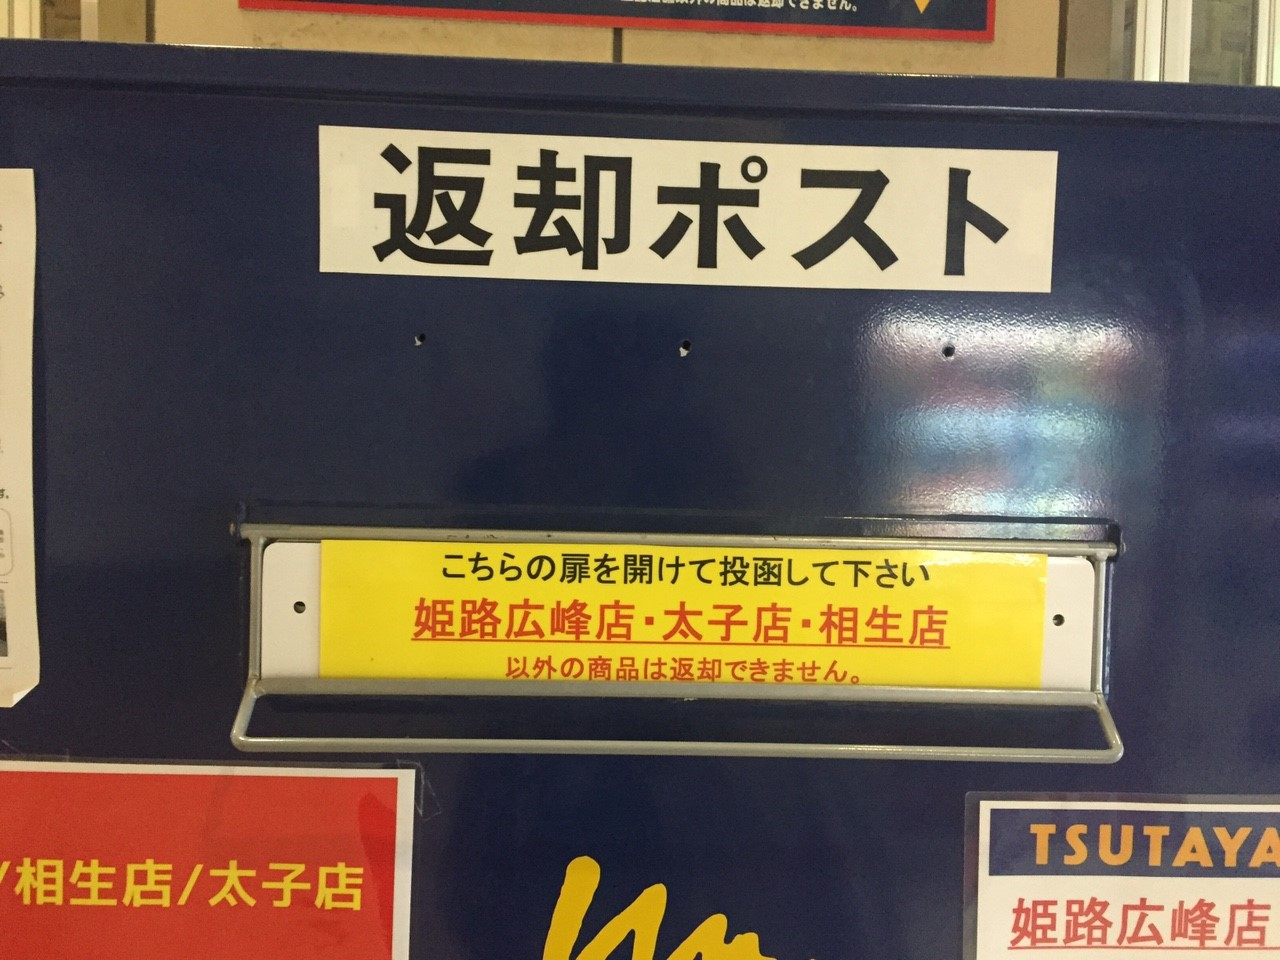 いまさら神姫バス構内にTSUTAYA返却_2458